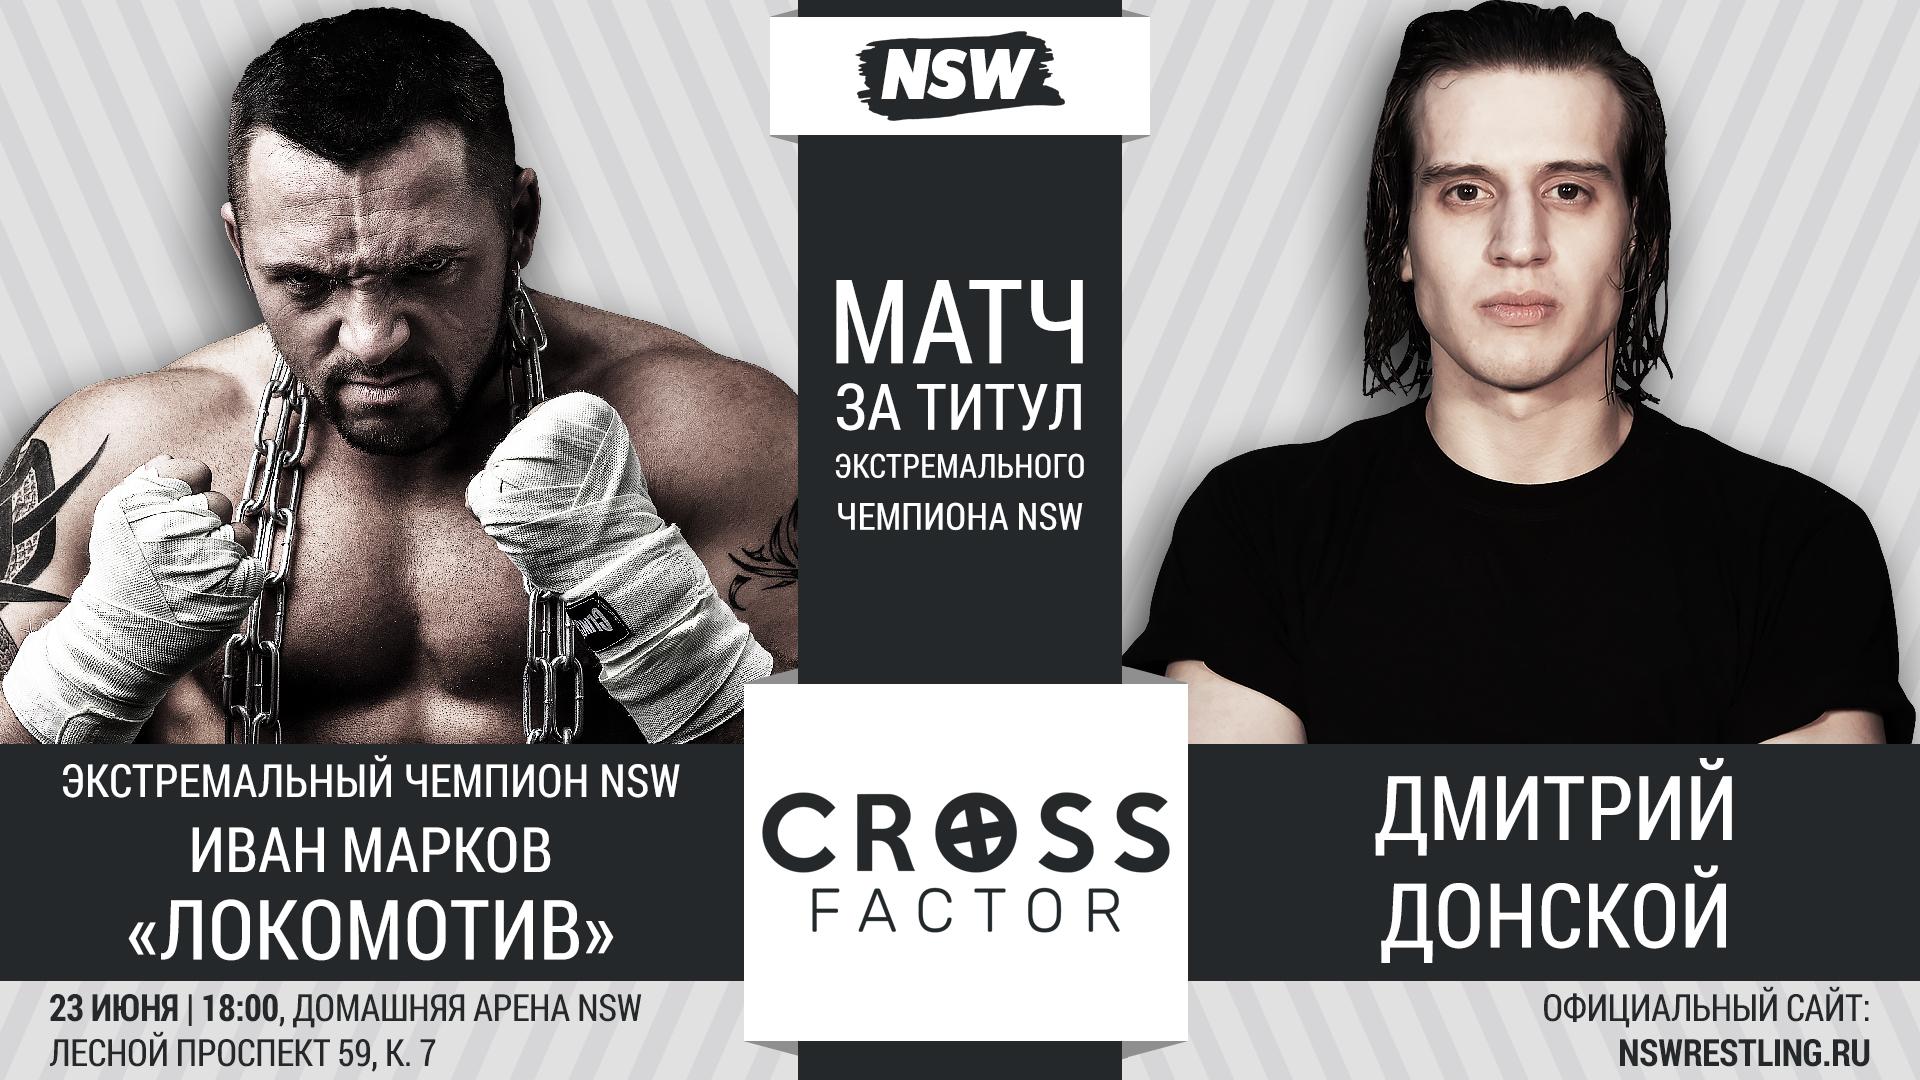 NSW Cross Factor (23/06): Иван Марков «Локомотив» против Дмитрия Донского